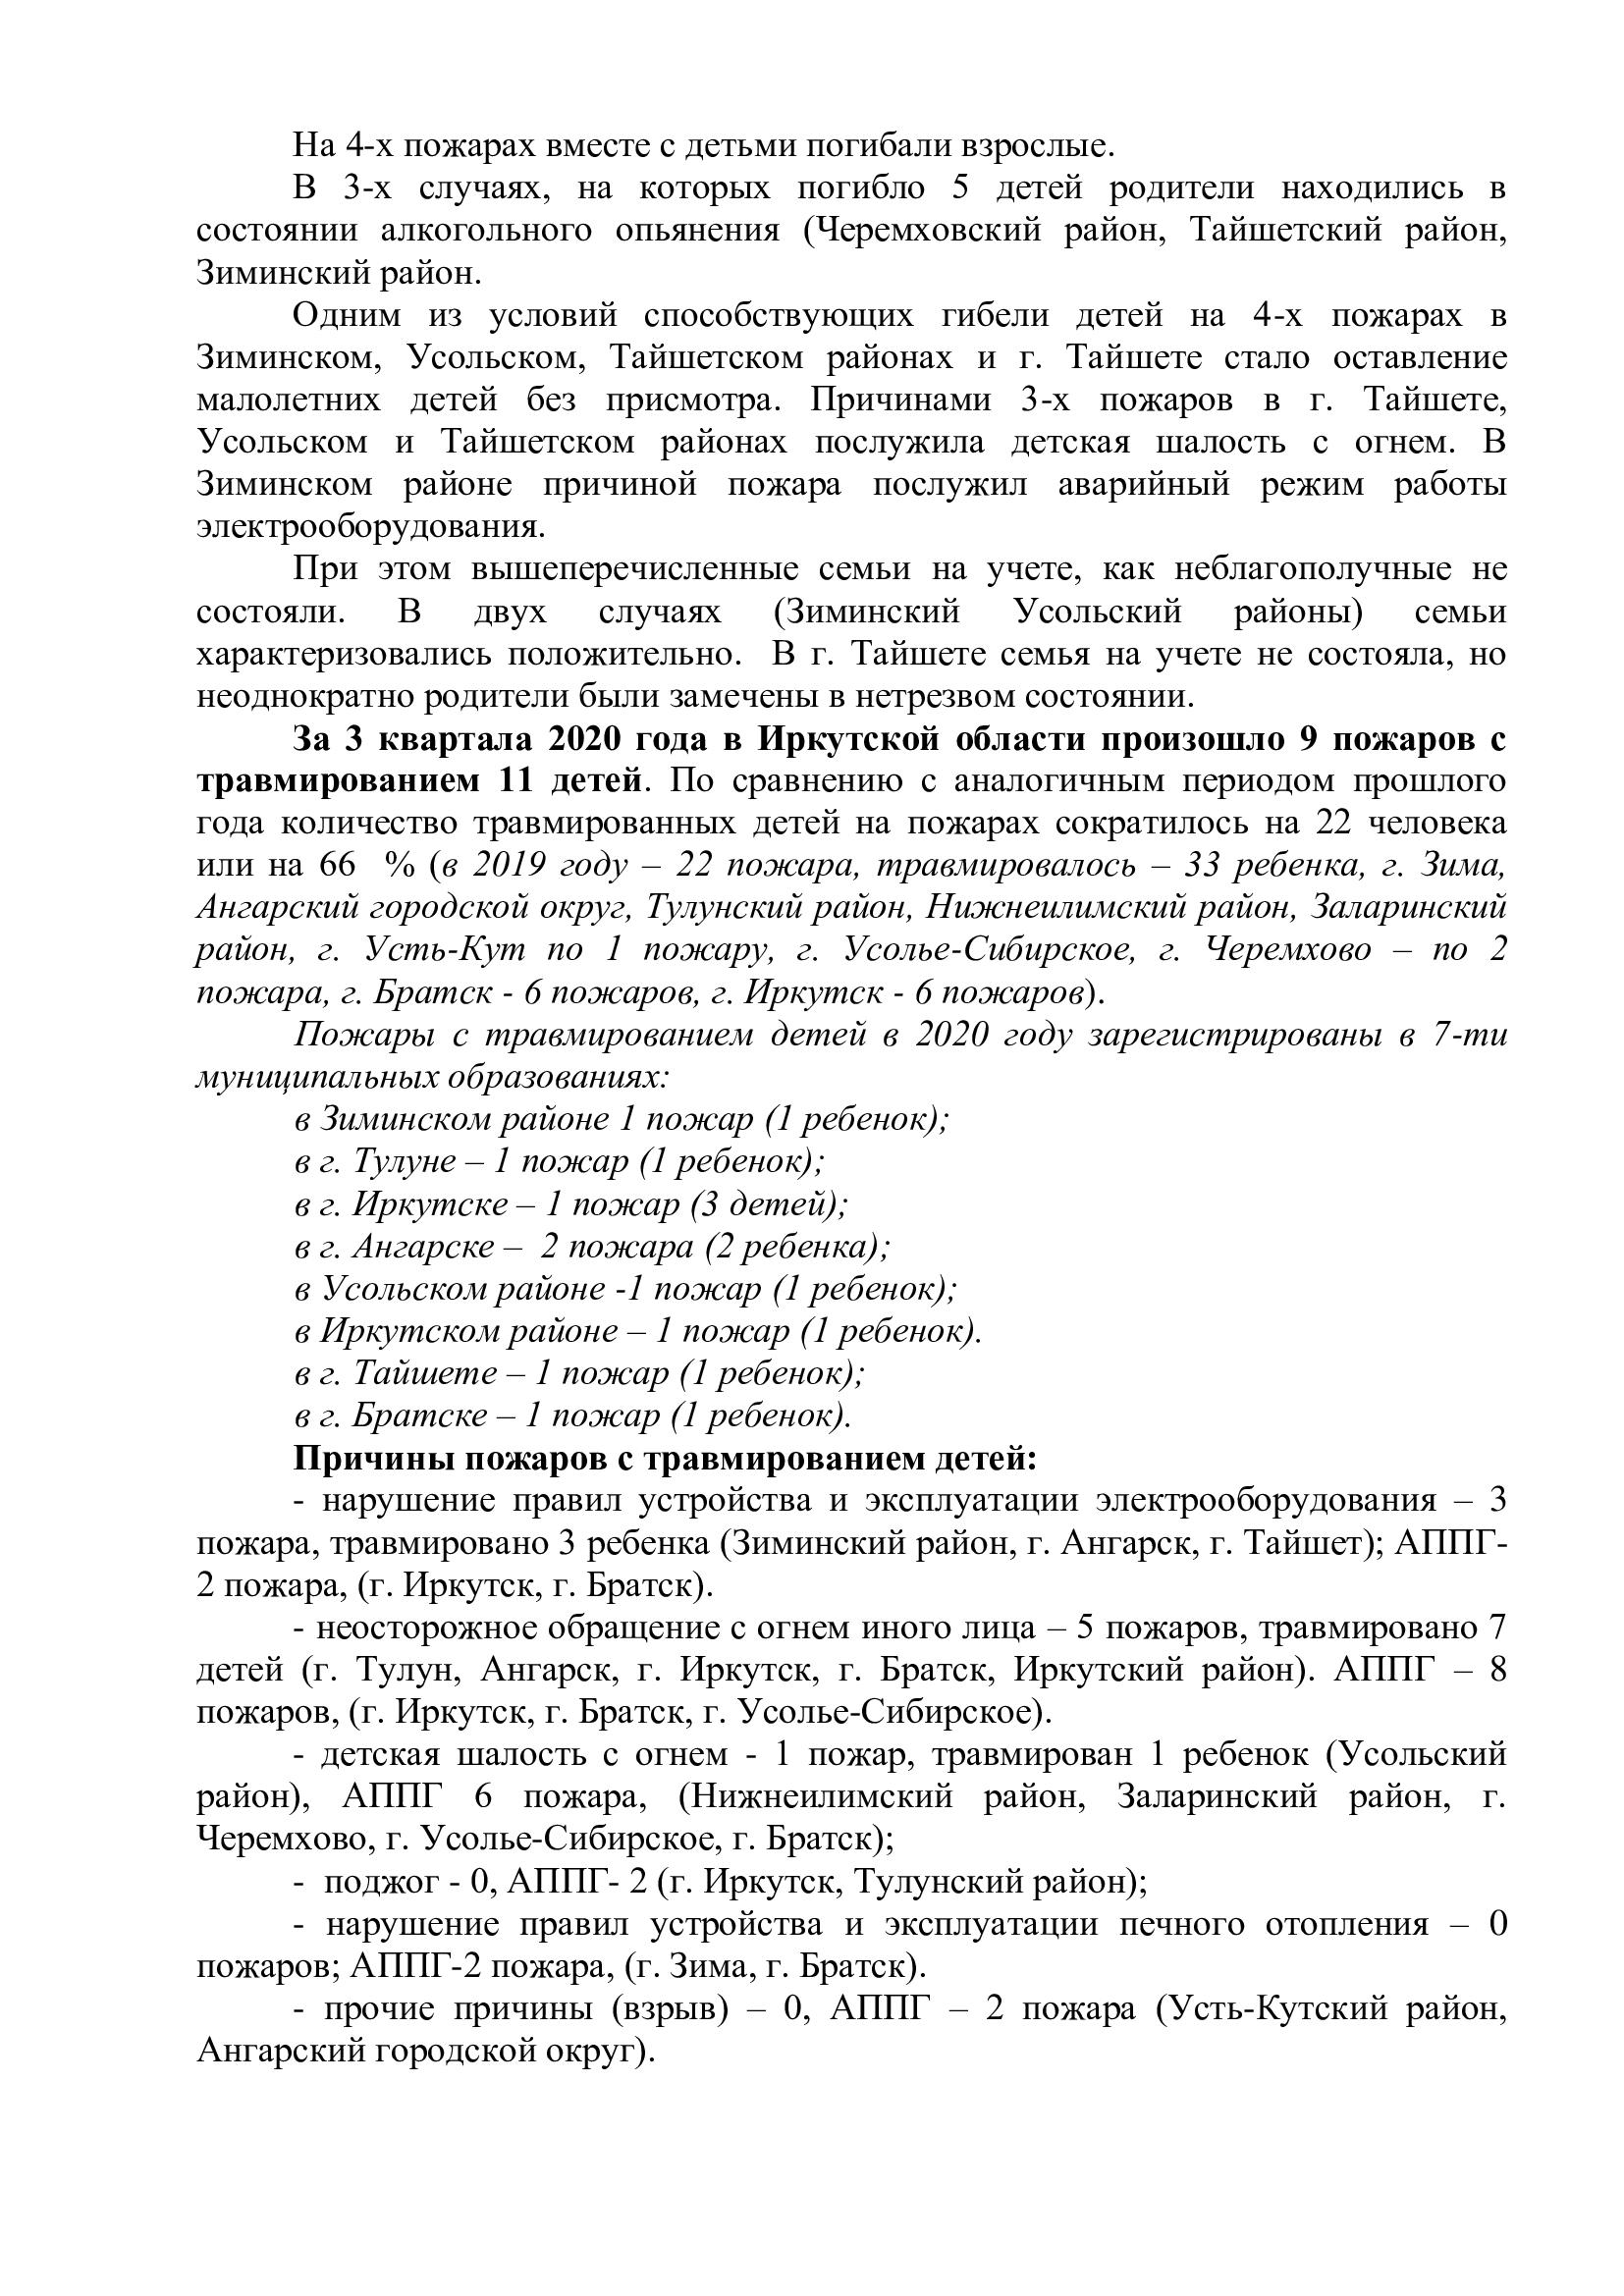 Справочная информация об обстановке с техногенными пожарами на территории Иркутской области